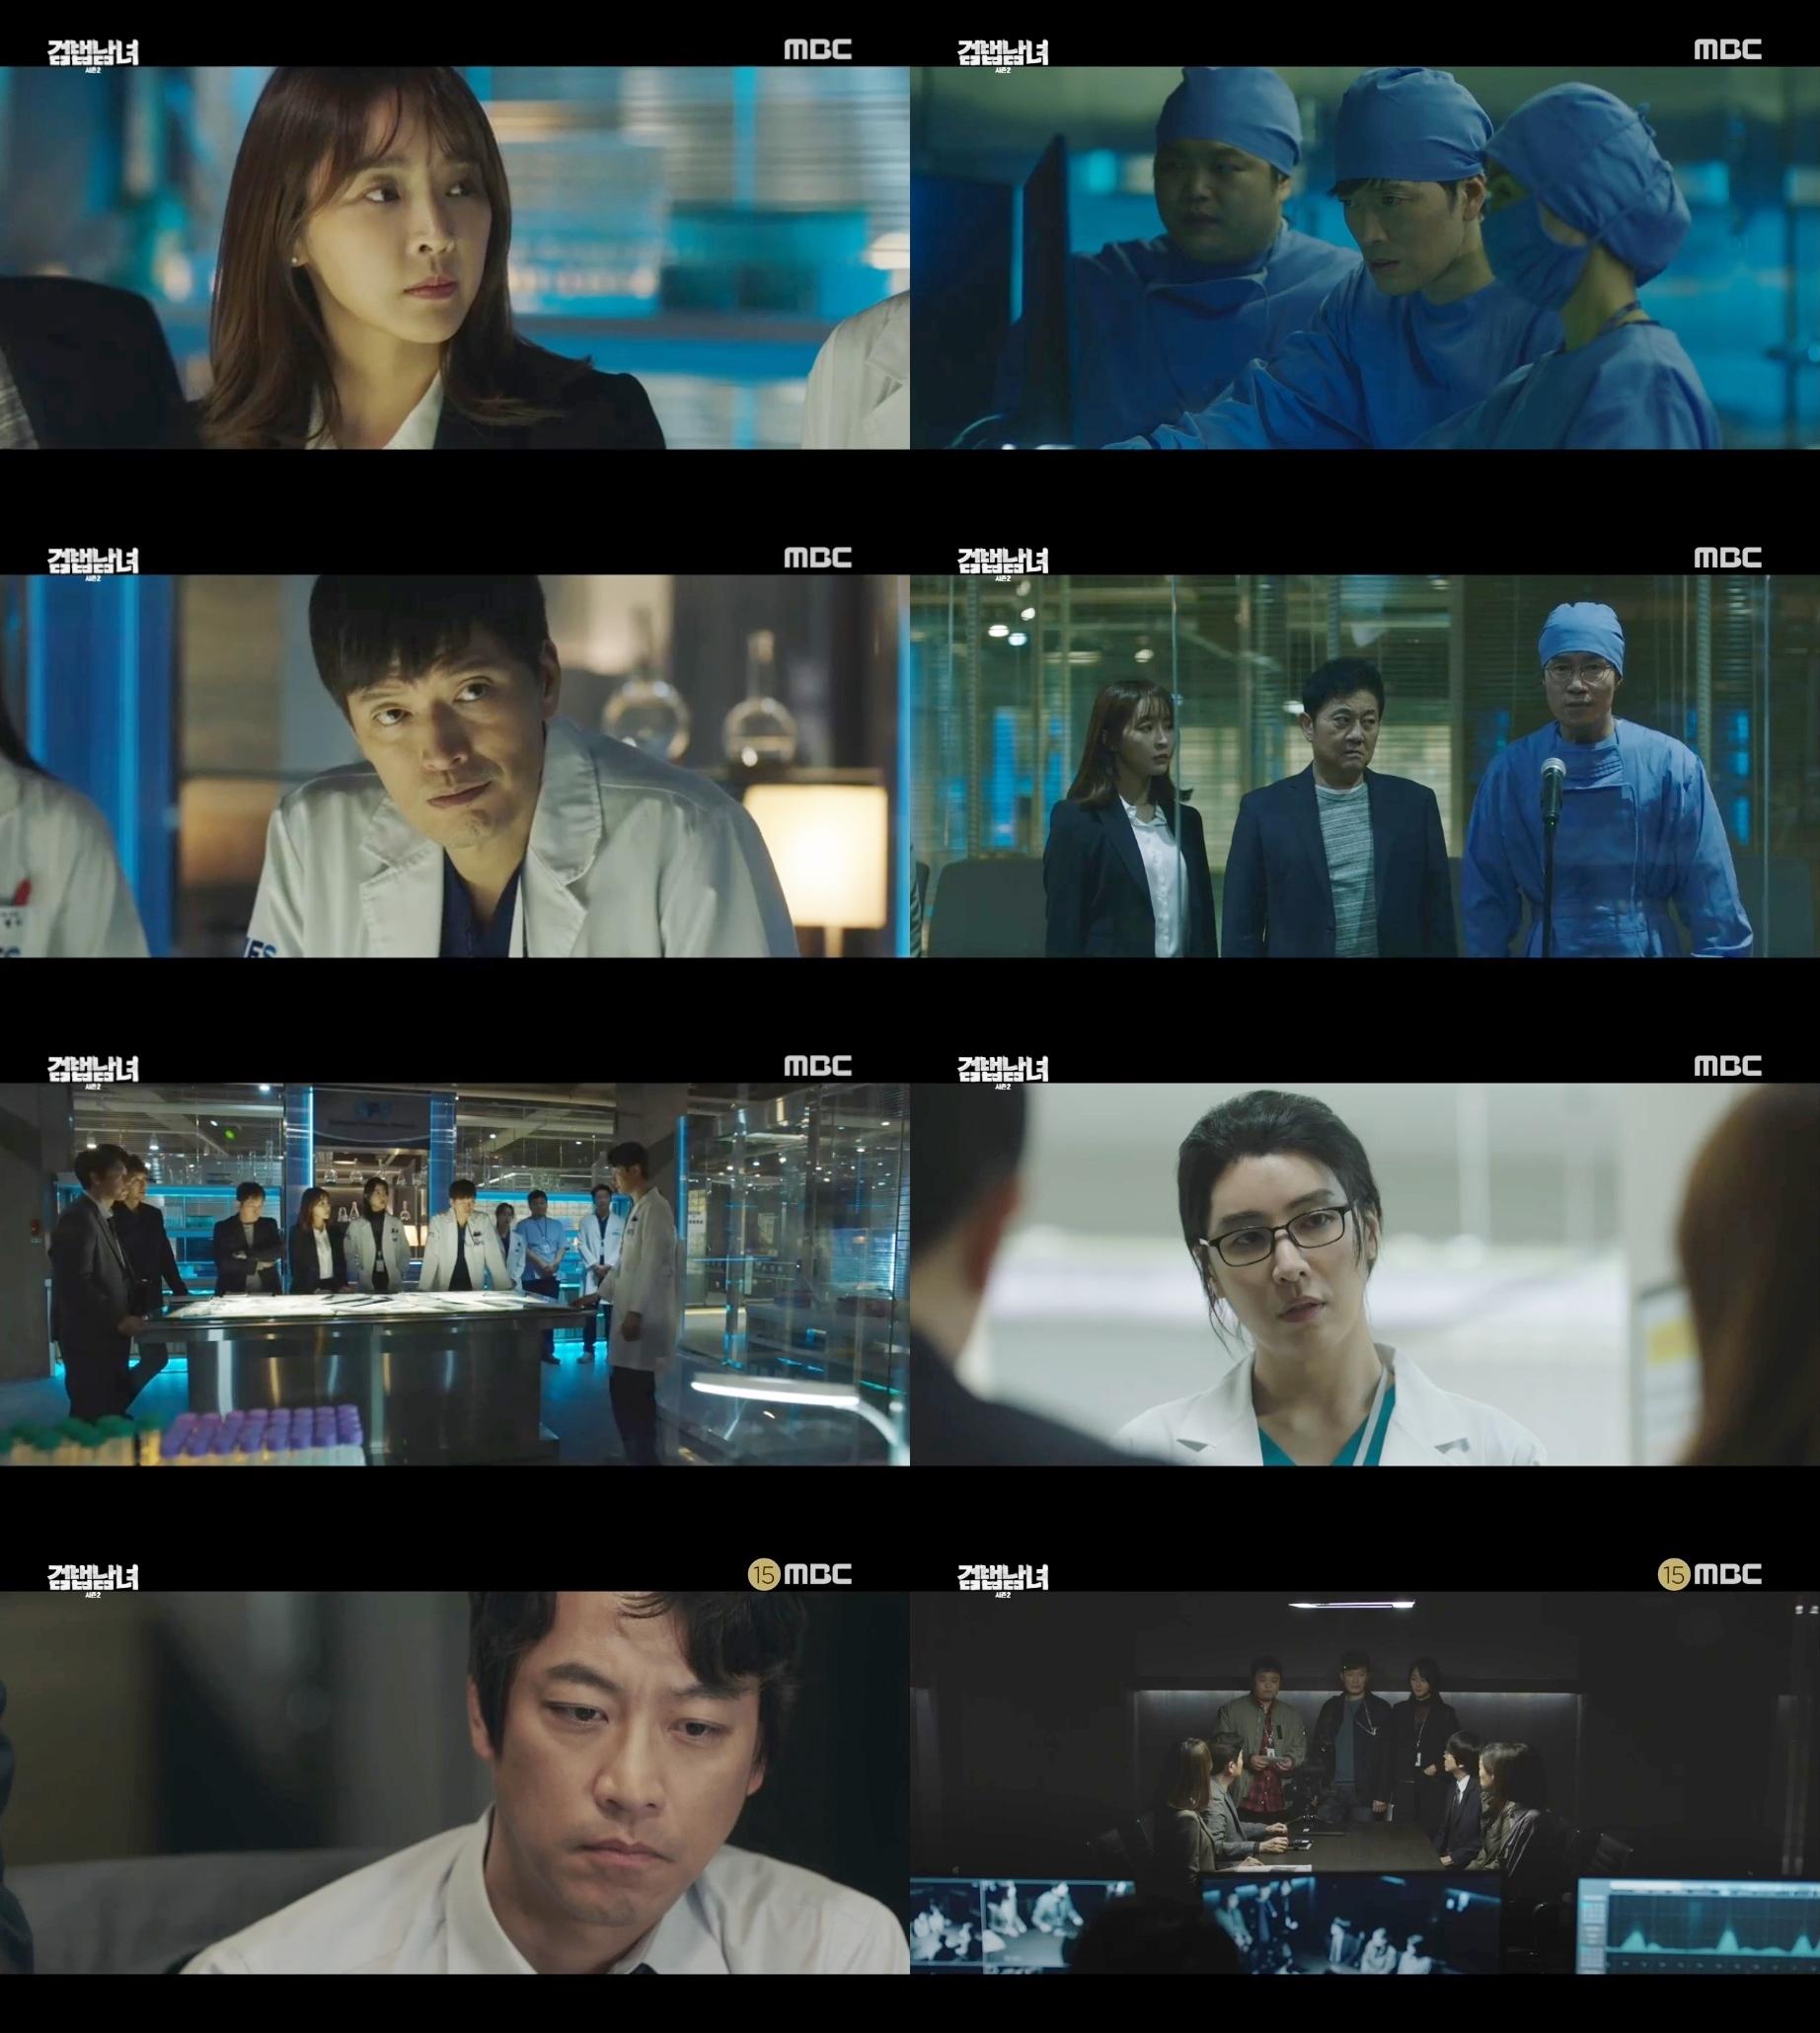 '검법남녀2' 정재영, 타살 가능성 직감… 100억 유산 향방은?